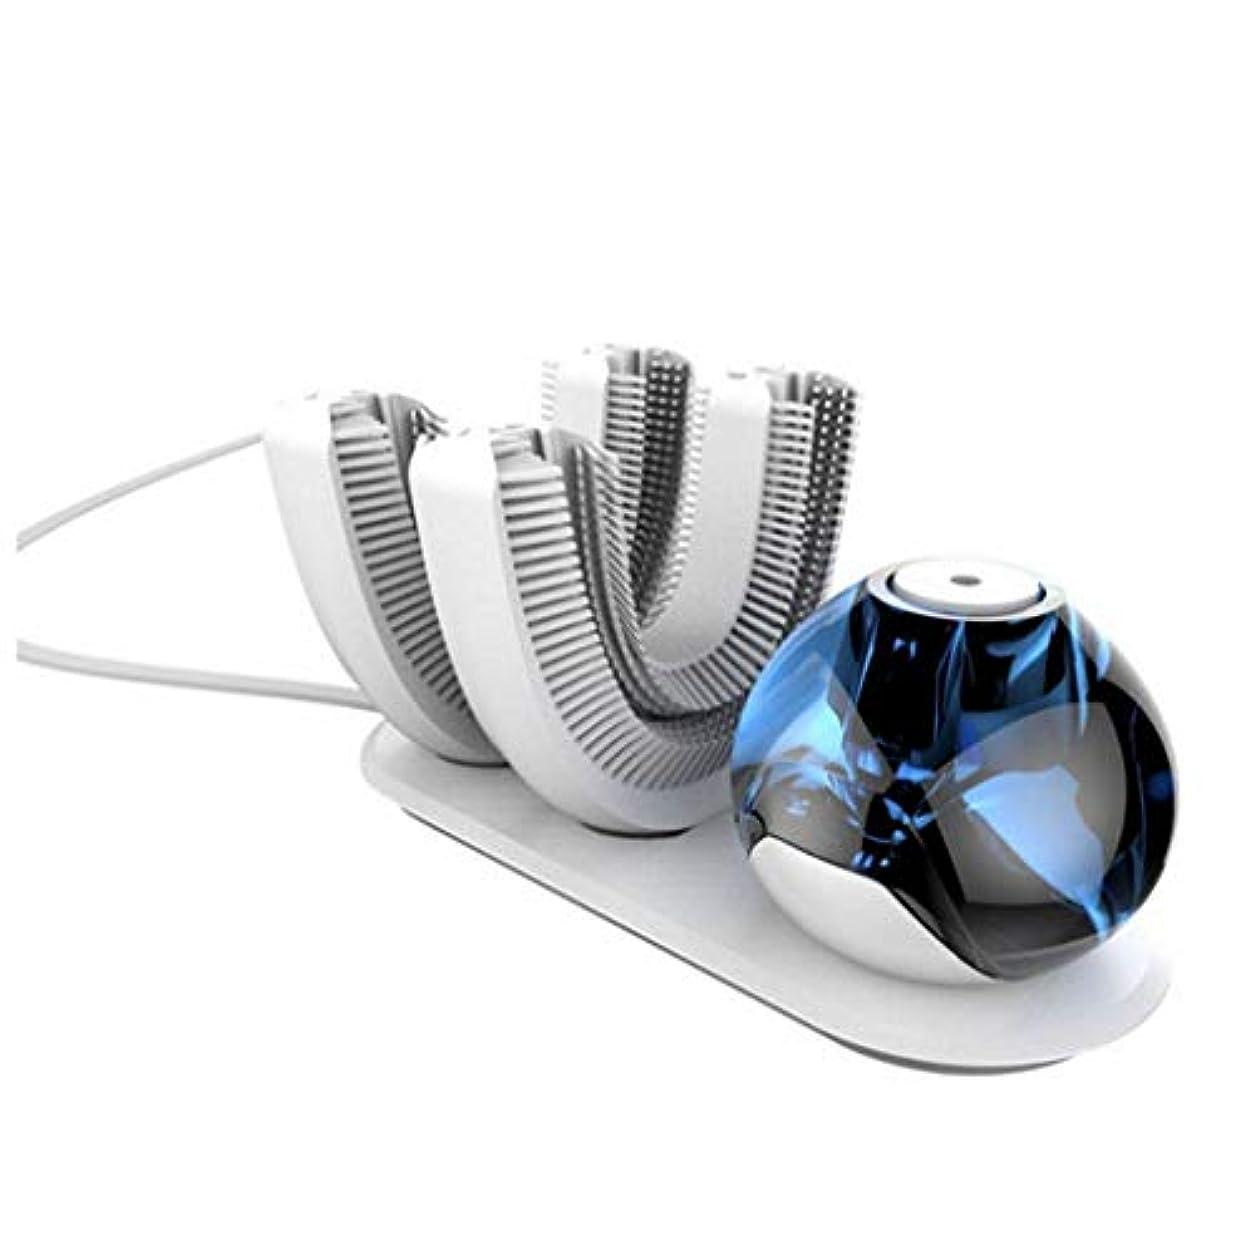 コンチネンタル者下着HETAO クリエイティブ自動歯ブラシ、怠惰な、自動歯ブラシ電動歯ブラシワイヤレス充電式360°、歯ブラシヘッドのうちの2つは、白歯ブラシの歯に設計されています 白